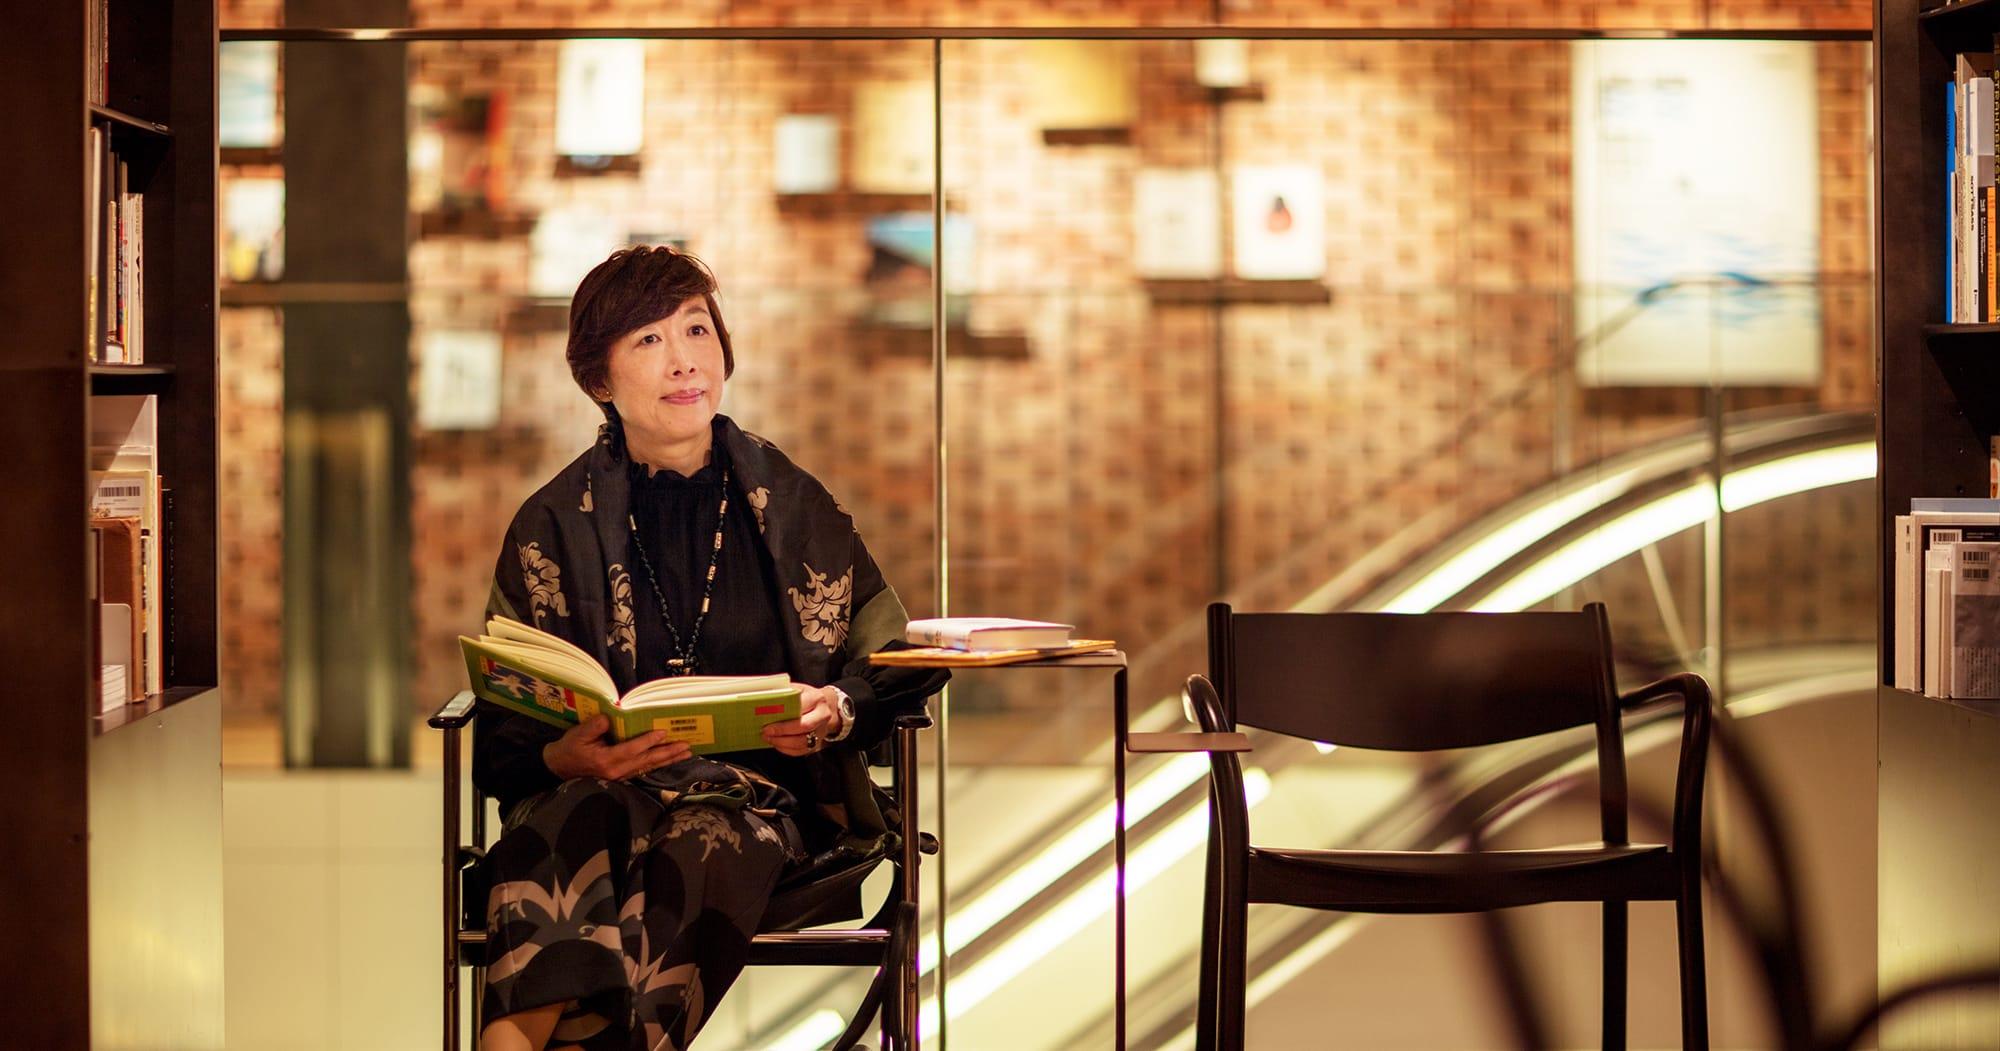 6階のATELIER MUJIにあるライブラリーで。自身の関わった絵本作家の本を手に。